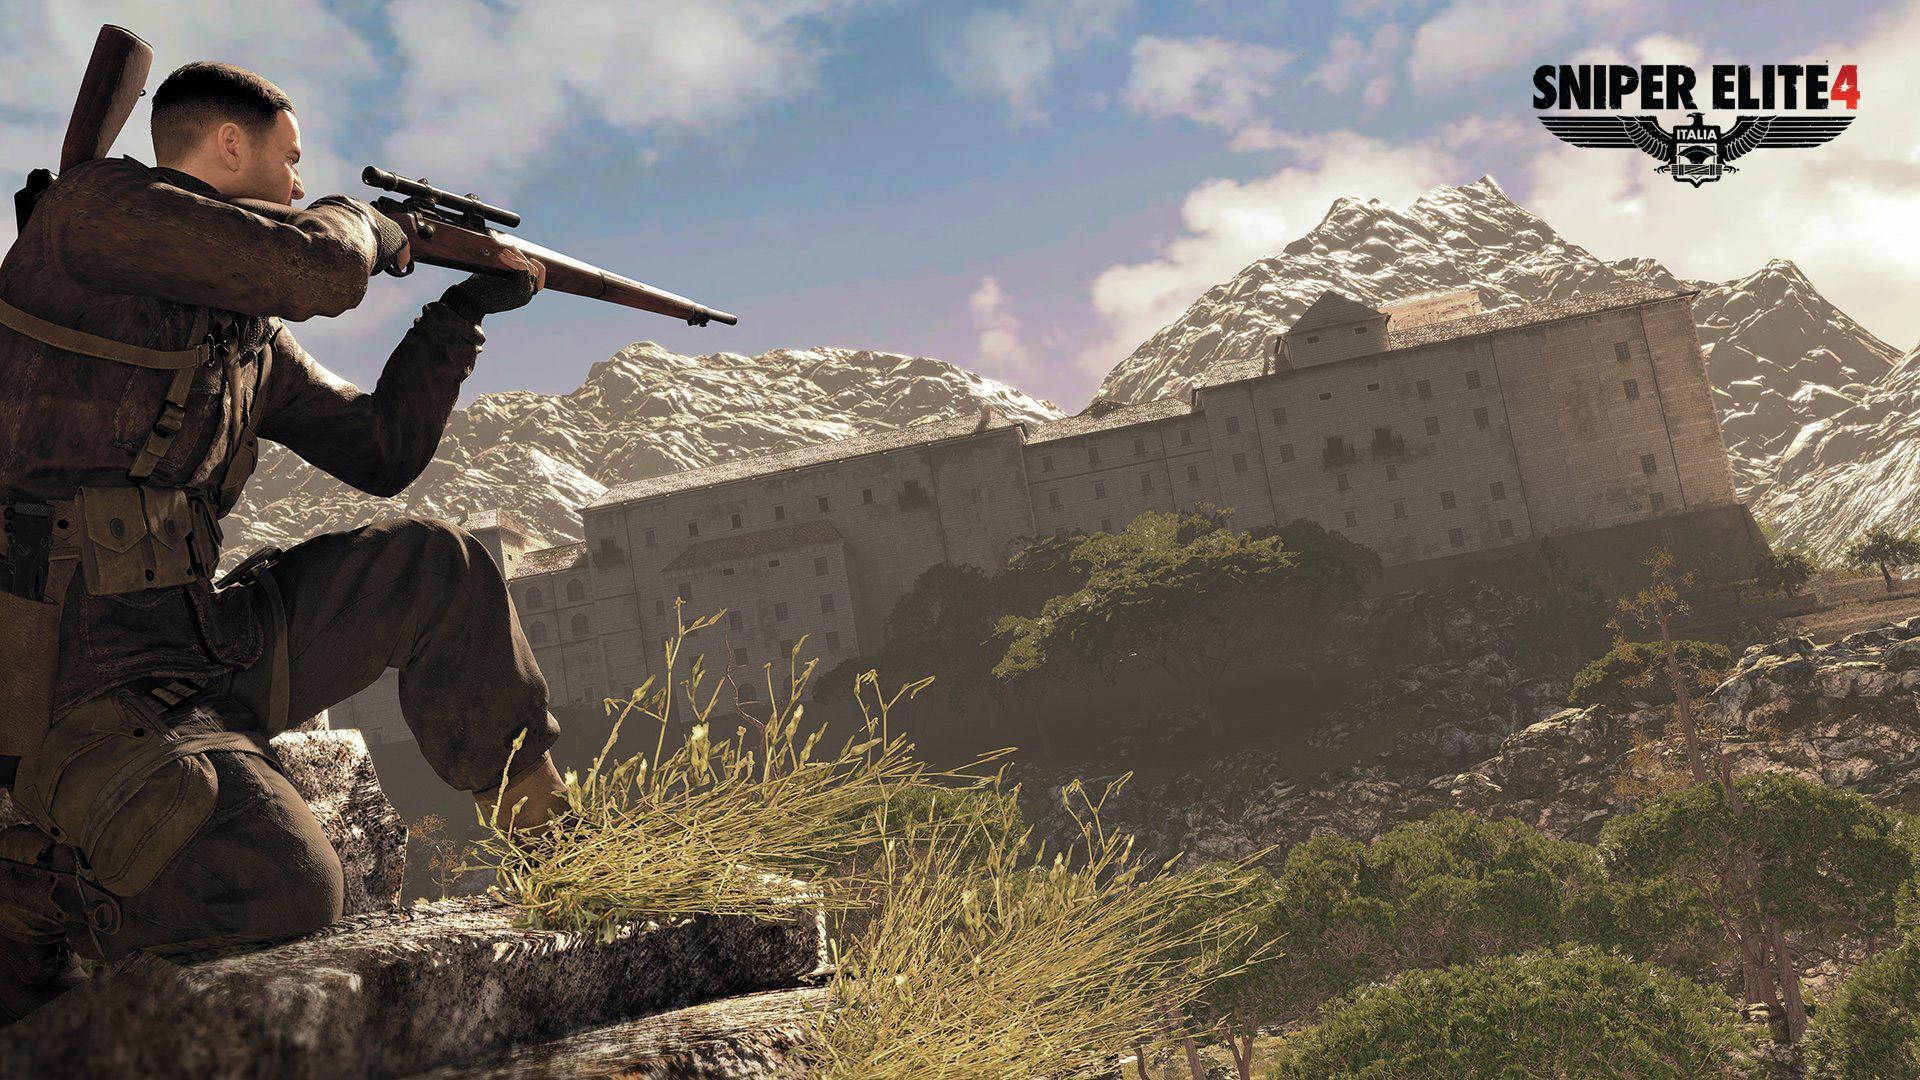 Sniper Elite 4 Wallpaper in 1920x1080